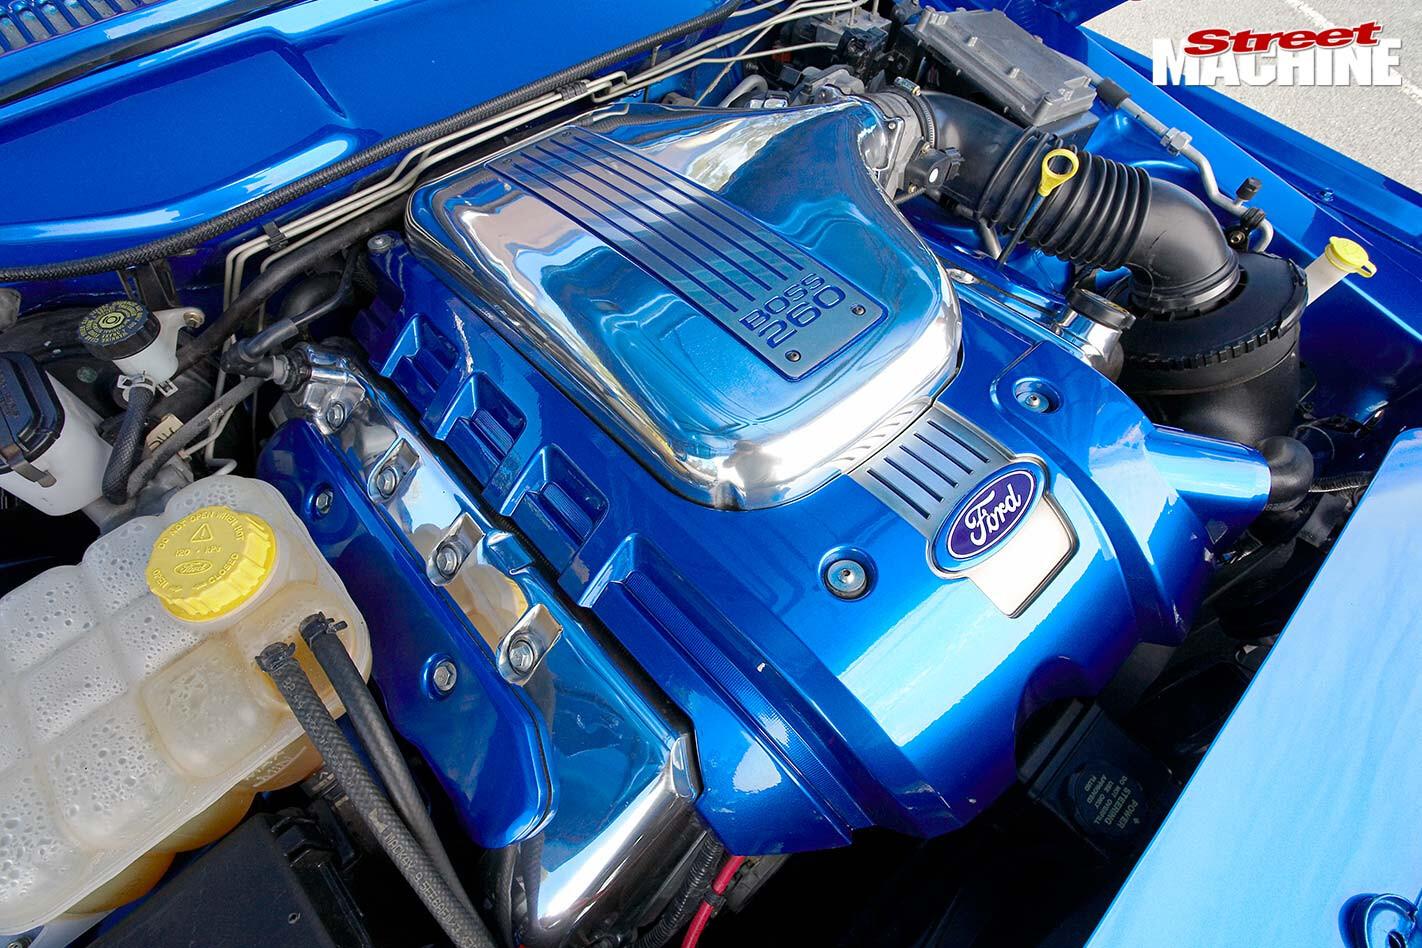 Ford F250 engine bay